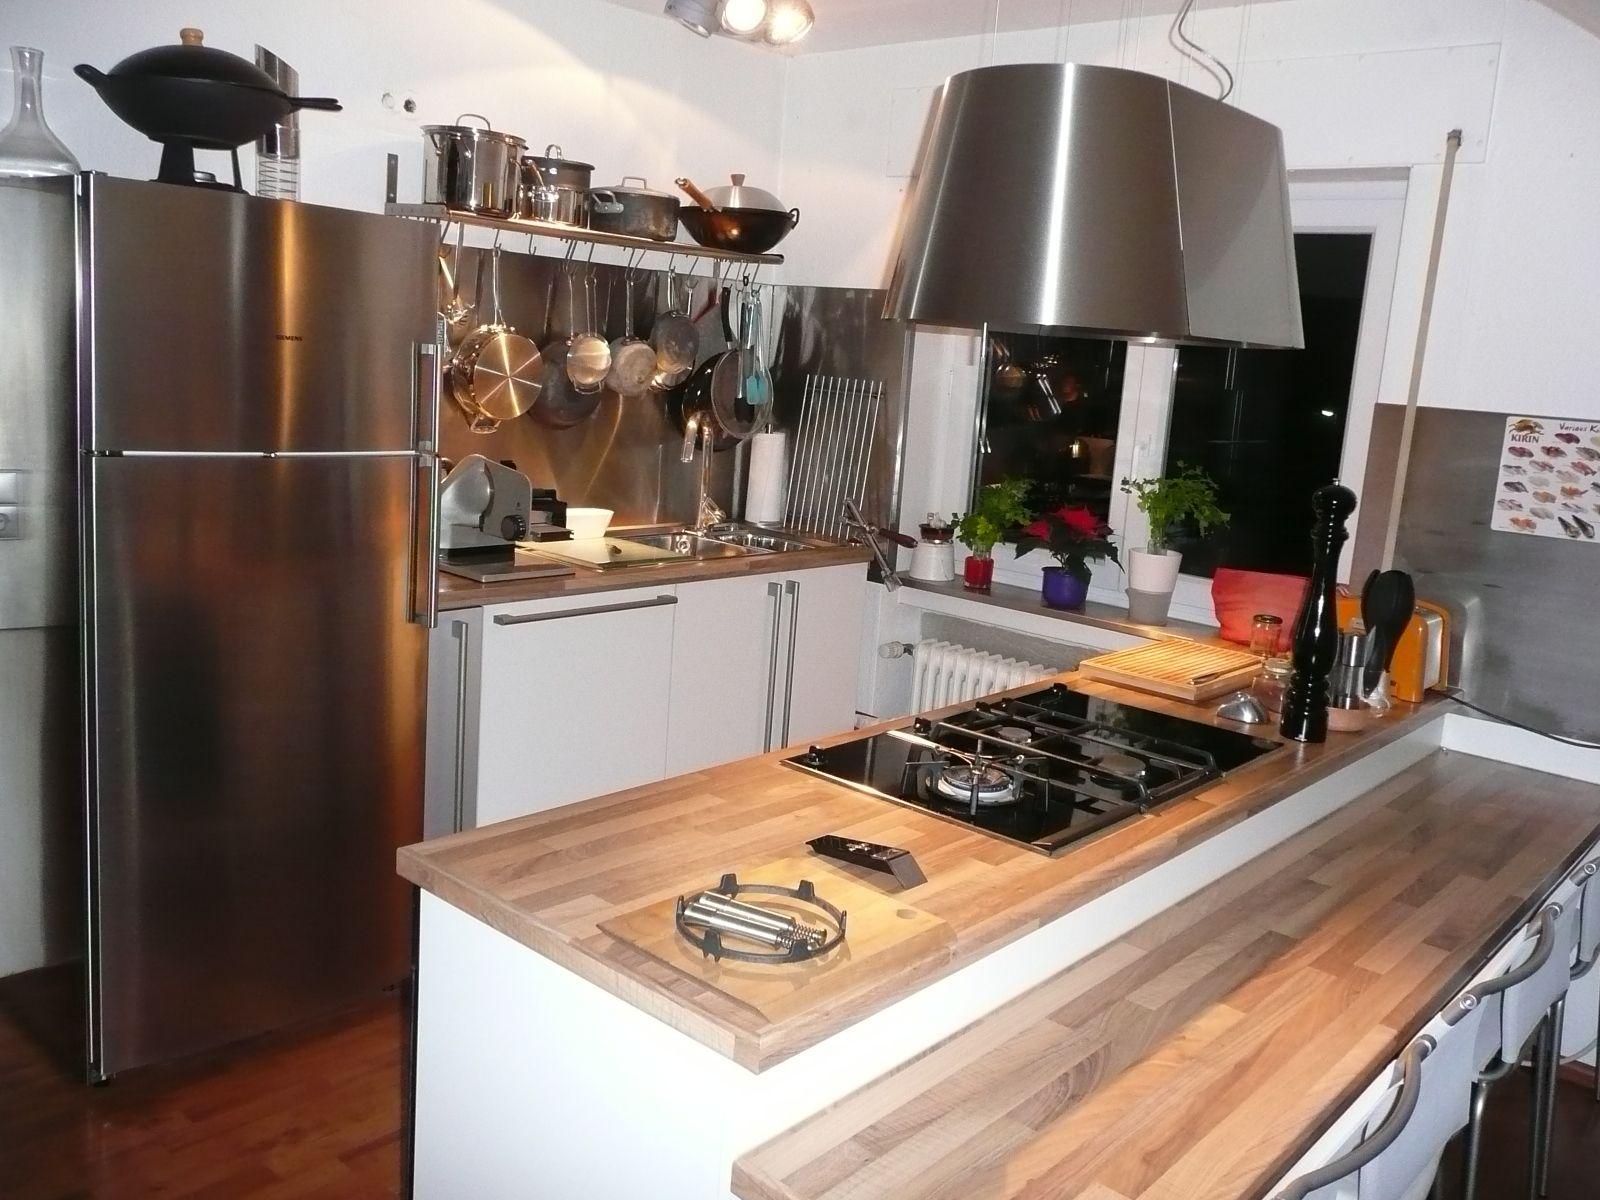 Ikea kücheninsel mit theke  Bildergebnis für küchen kochinsel ikea | Küche | Pinterest | Küche ...